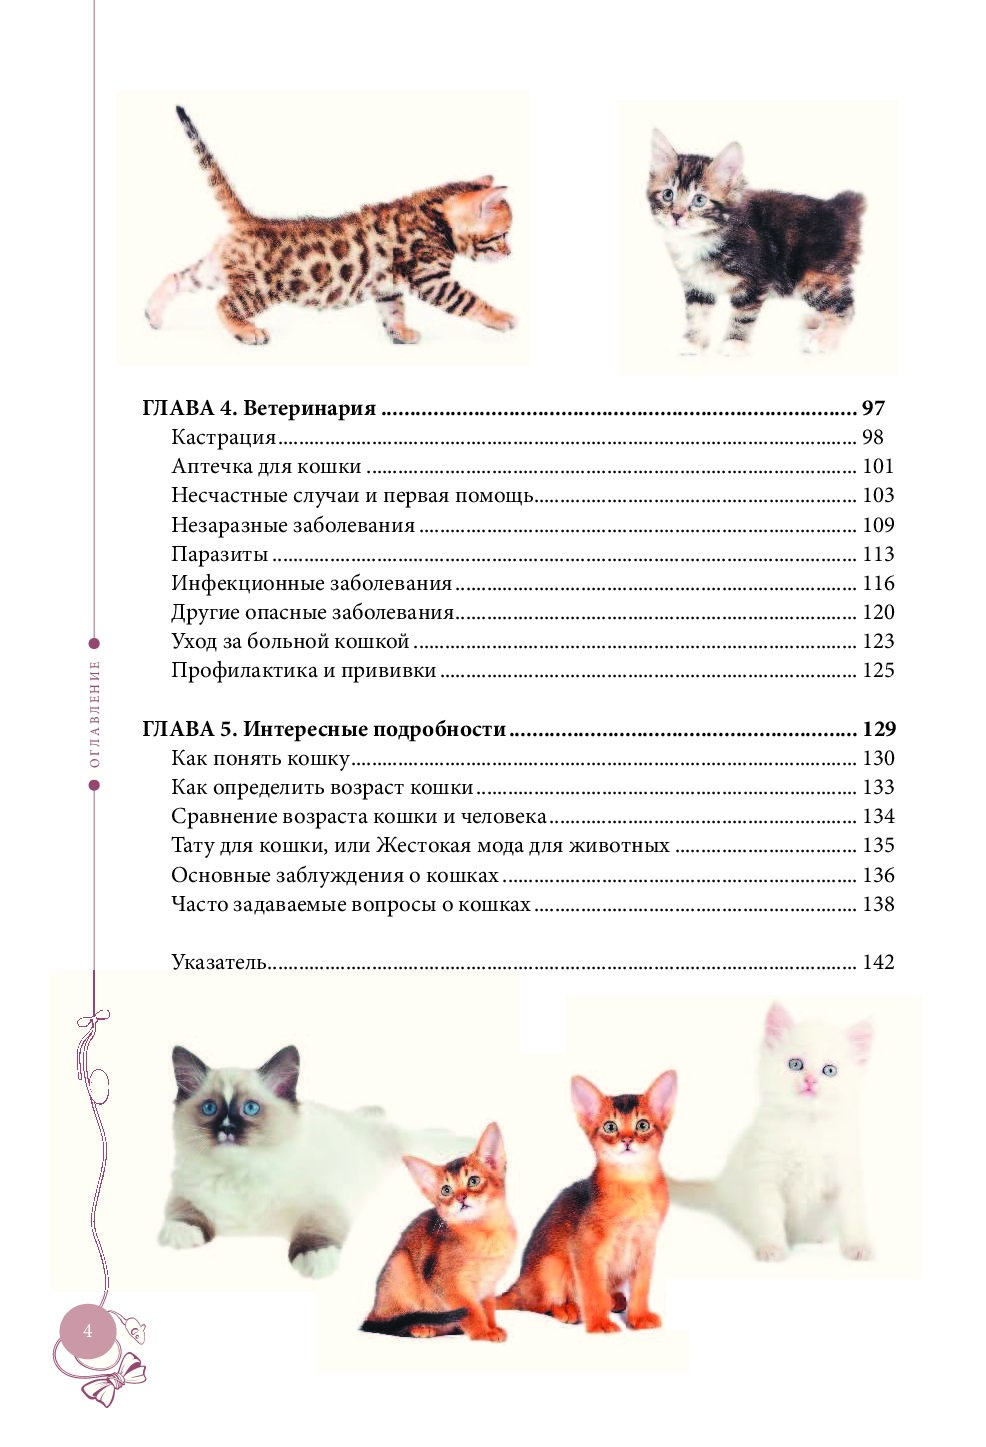 Как определить возраст котёнка без помощи специалистов?